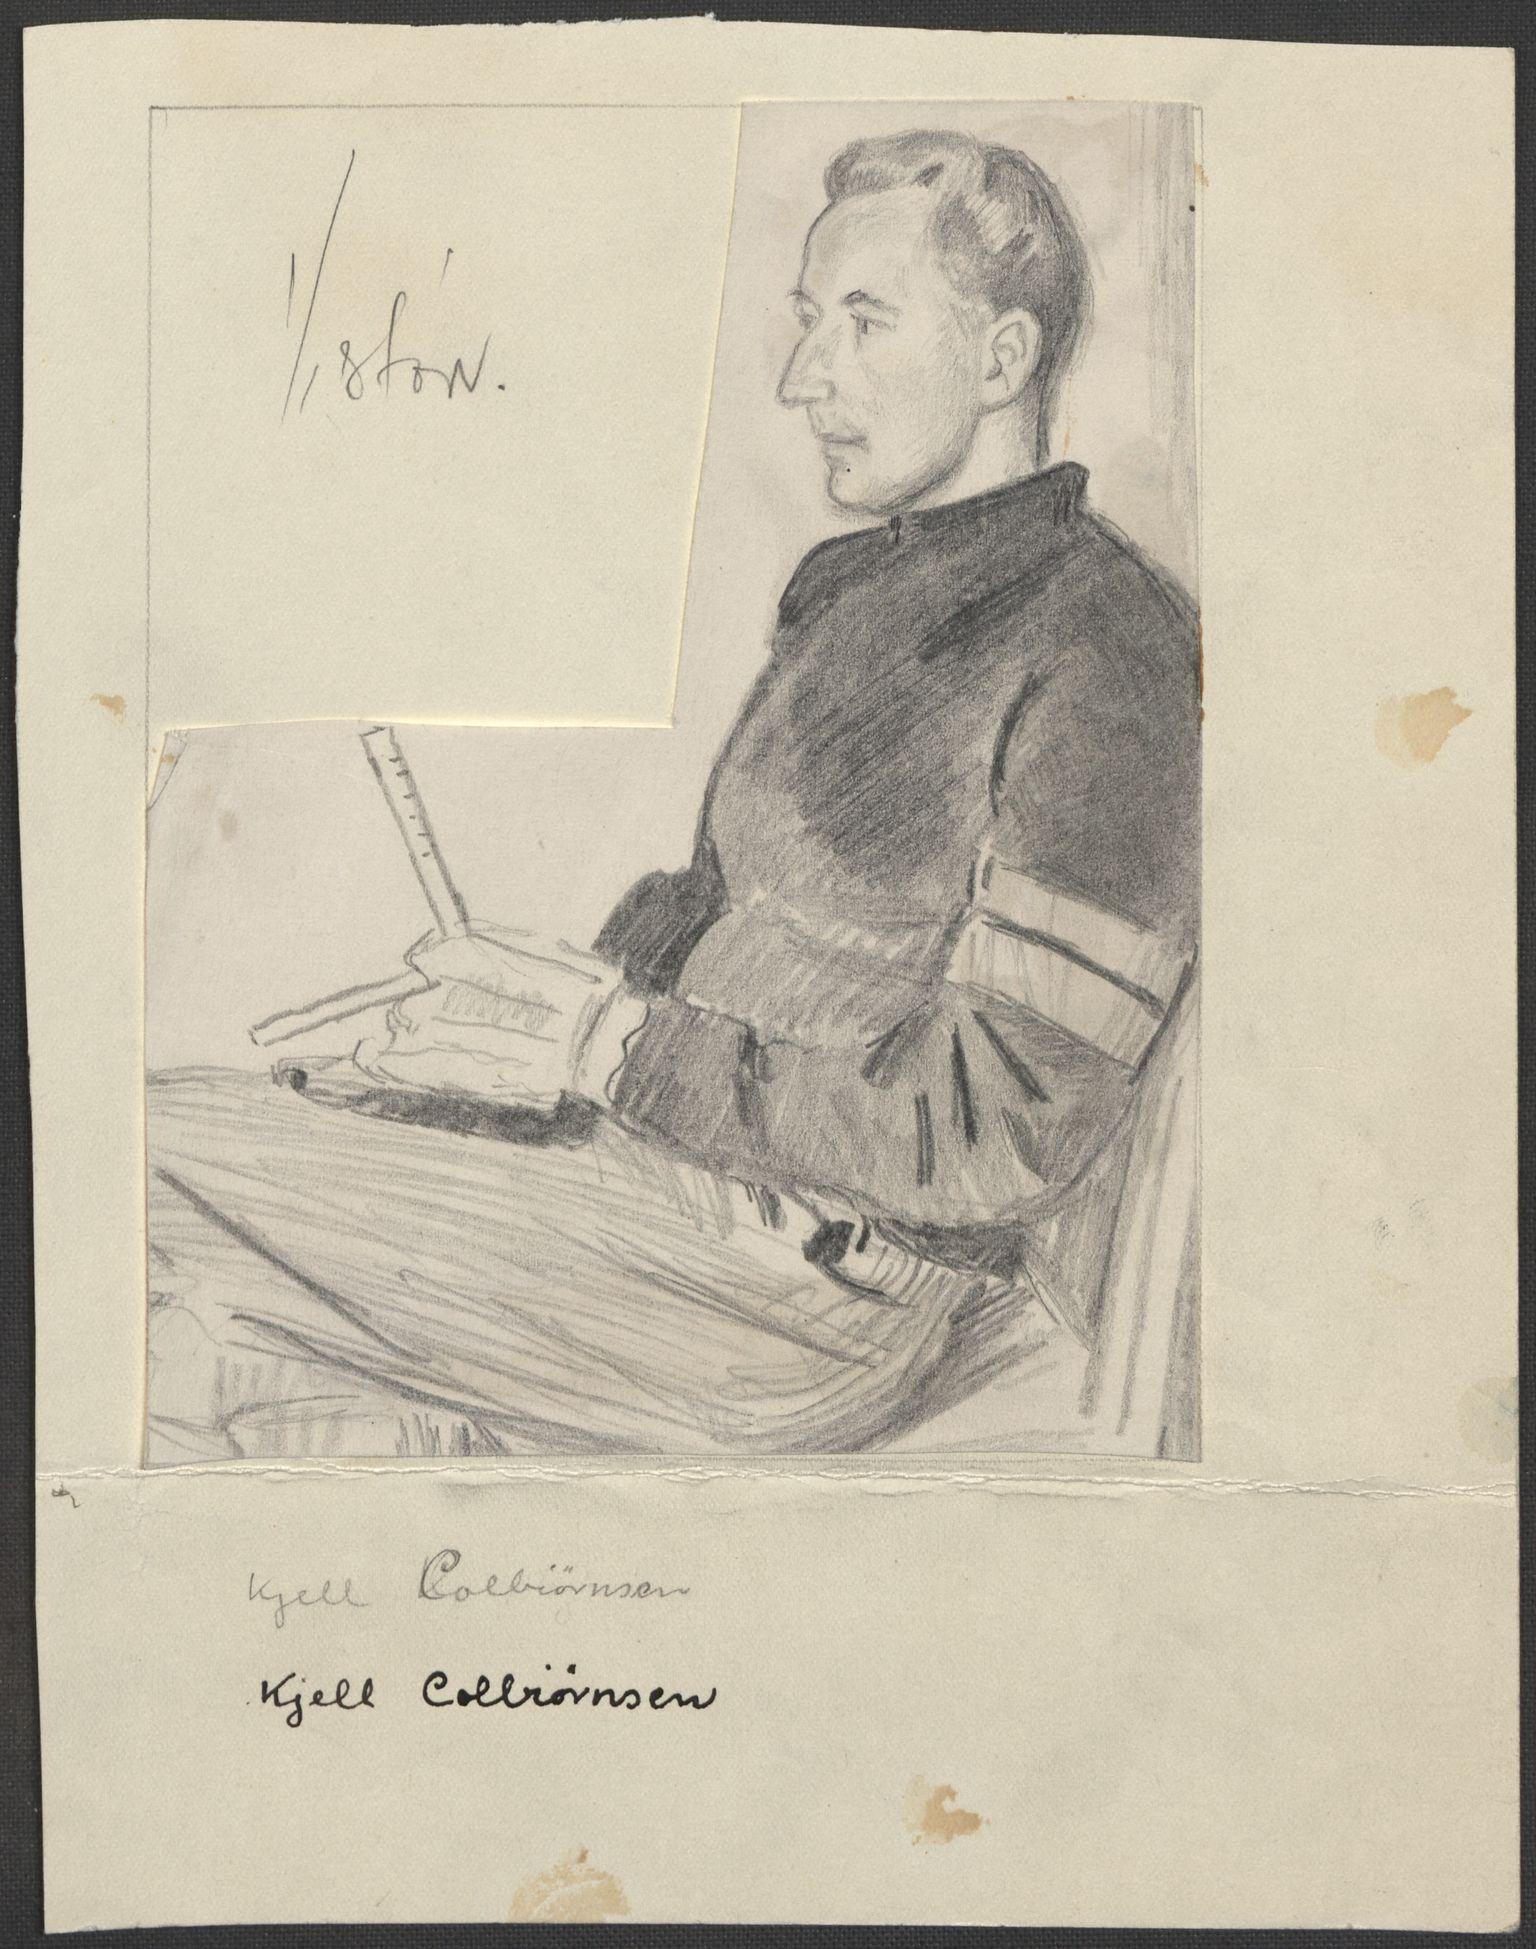 RA, Grøgaard, Joachim, F/L0002: Tegninger og tekster, 1942-1945, s. 31